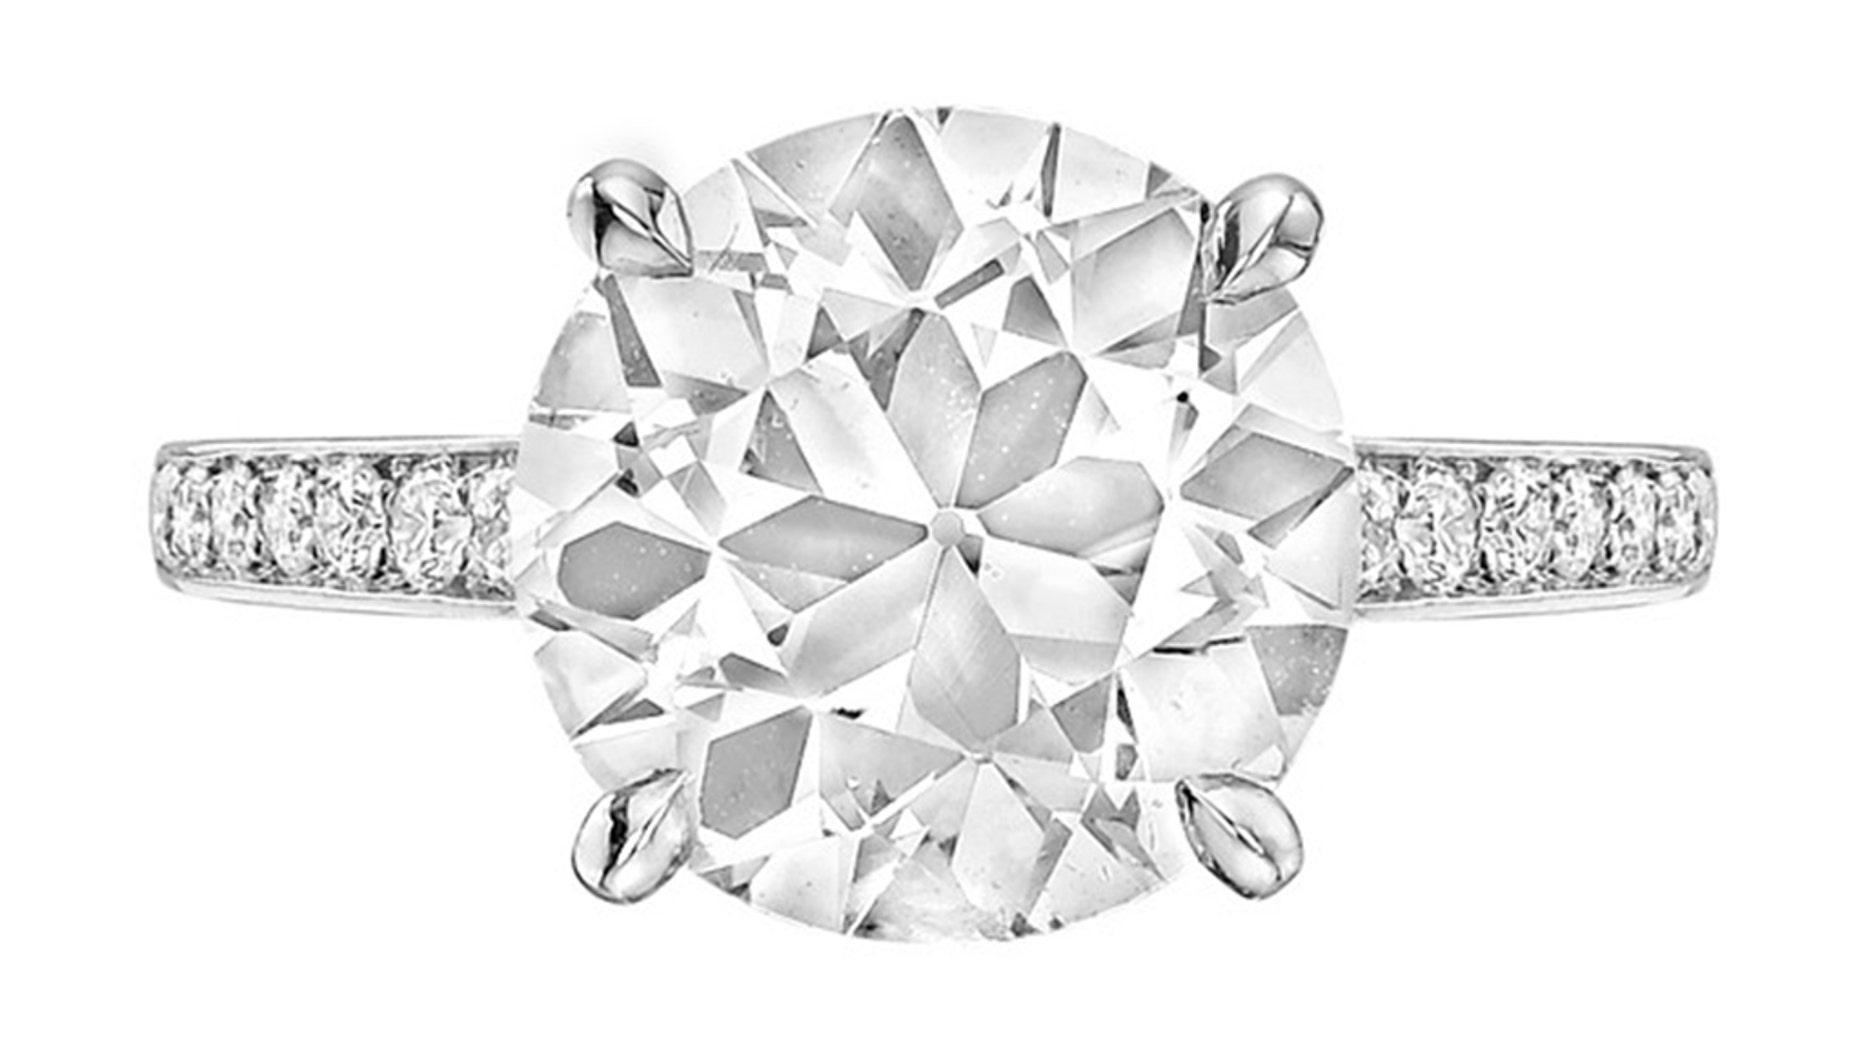 Return engagement ring after break up